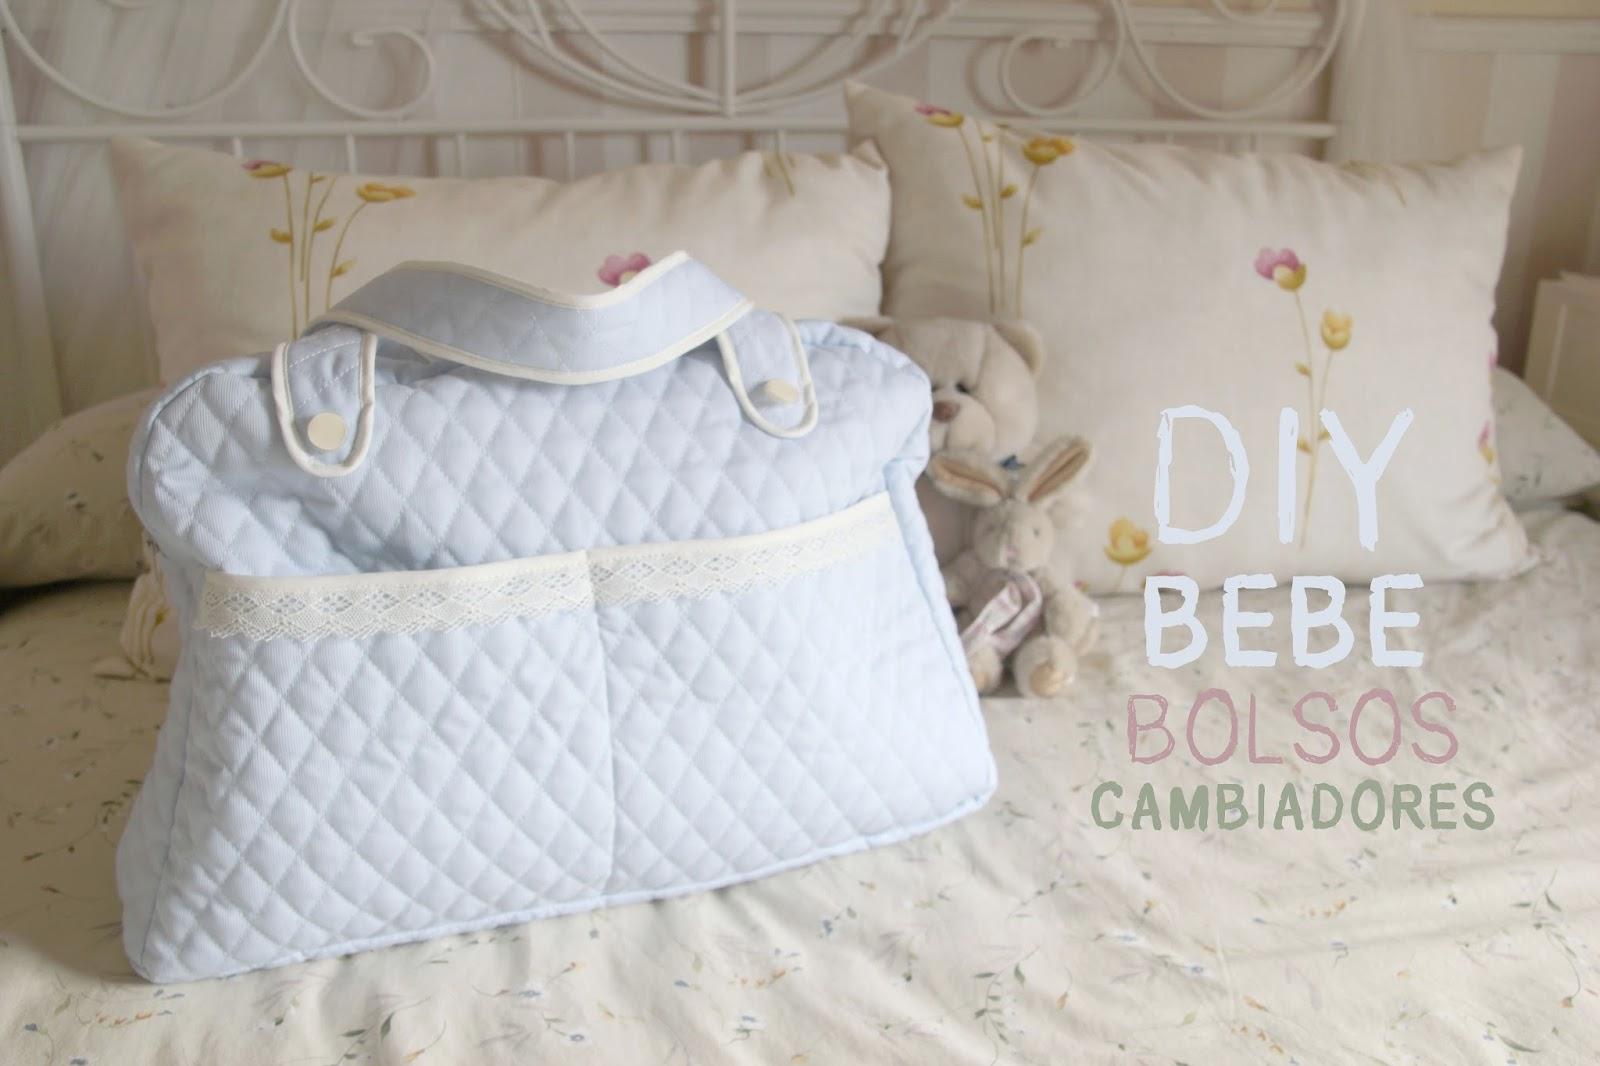 DIY Bebé: Cómo hacer una bolsa para pañales - Handbox Craft Lovers ...